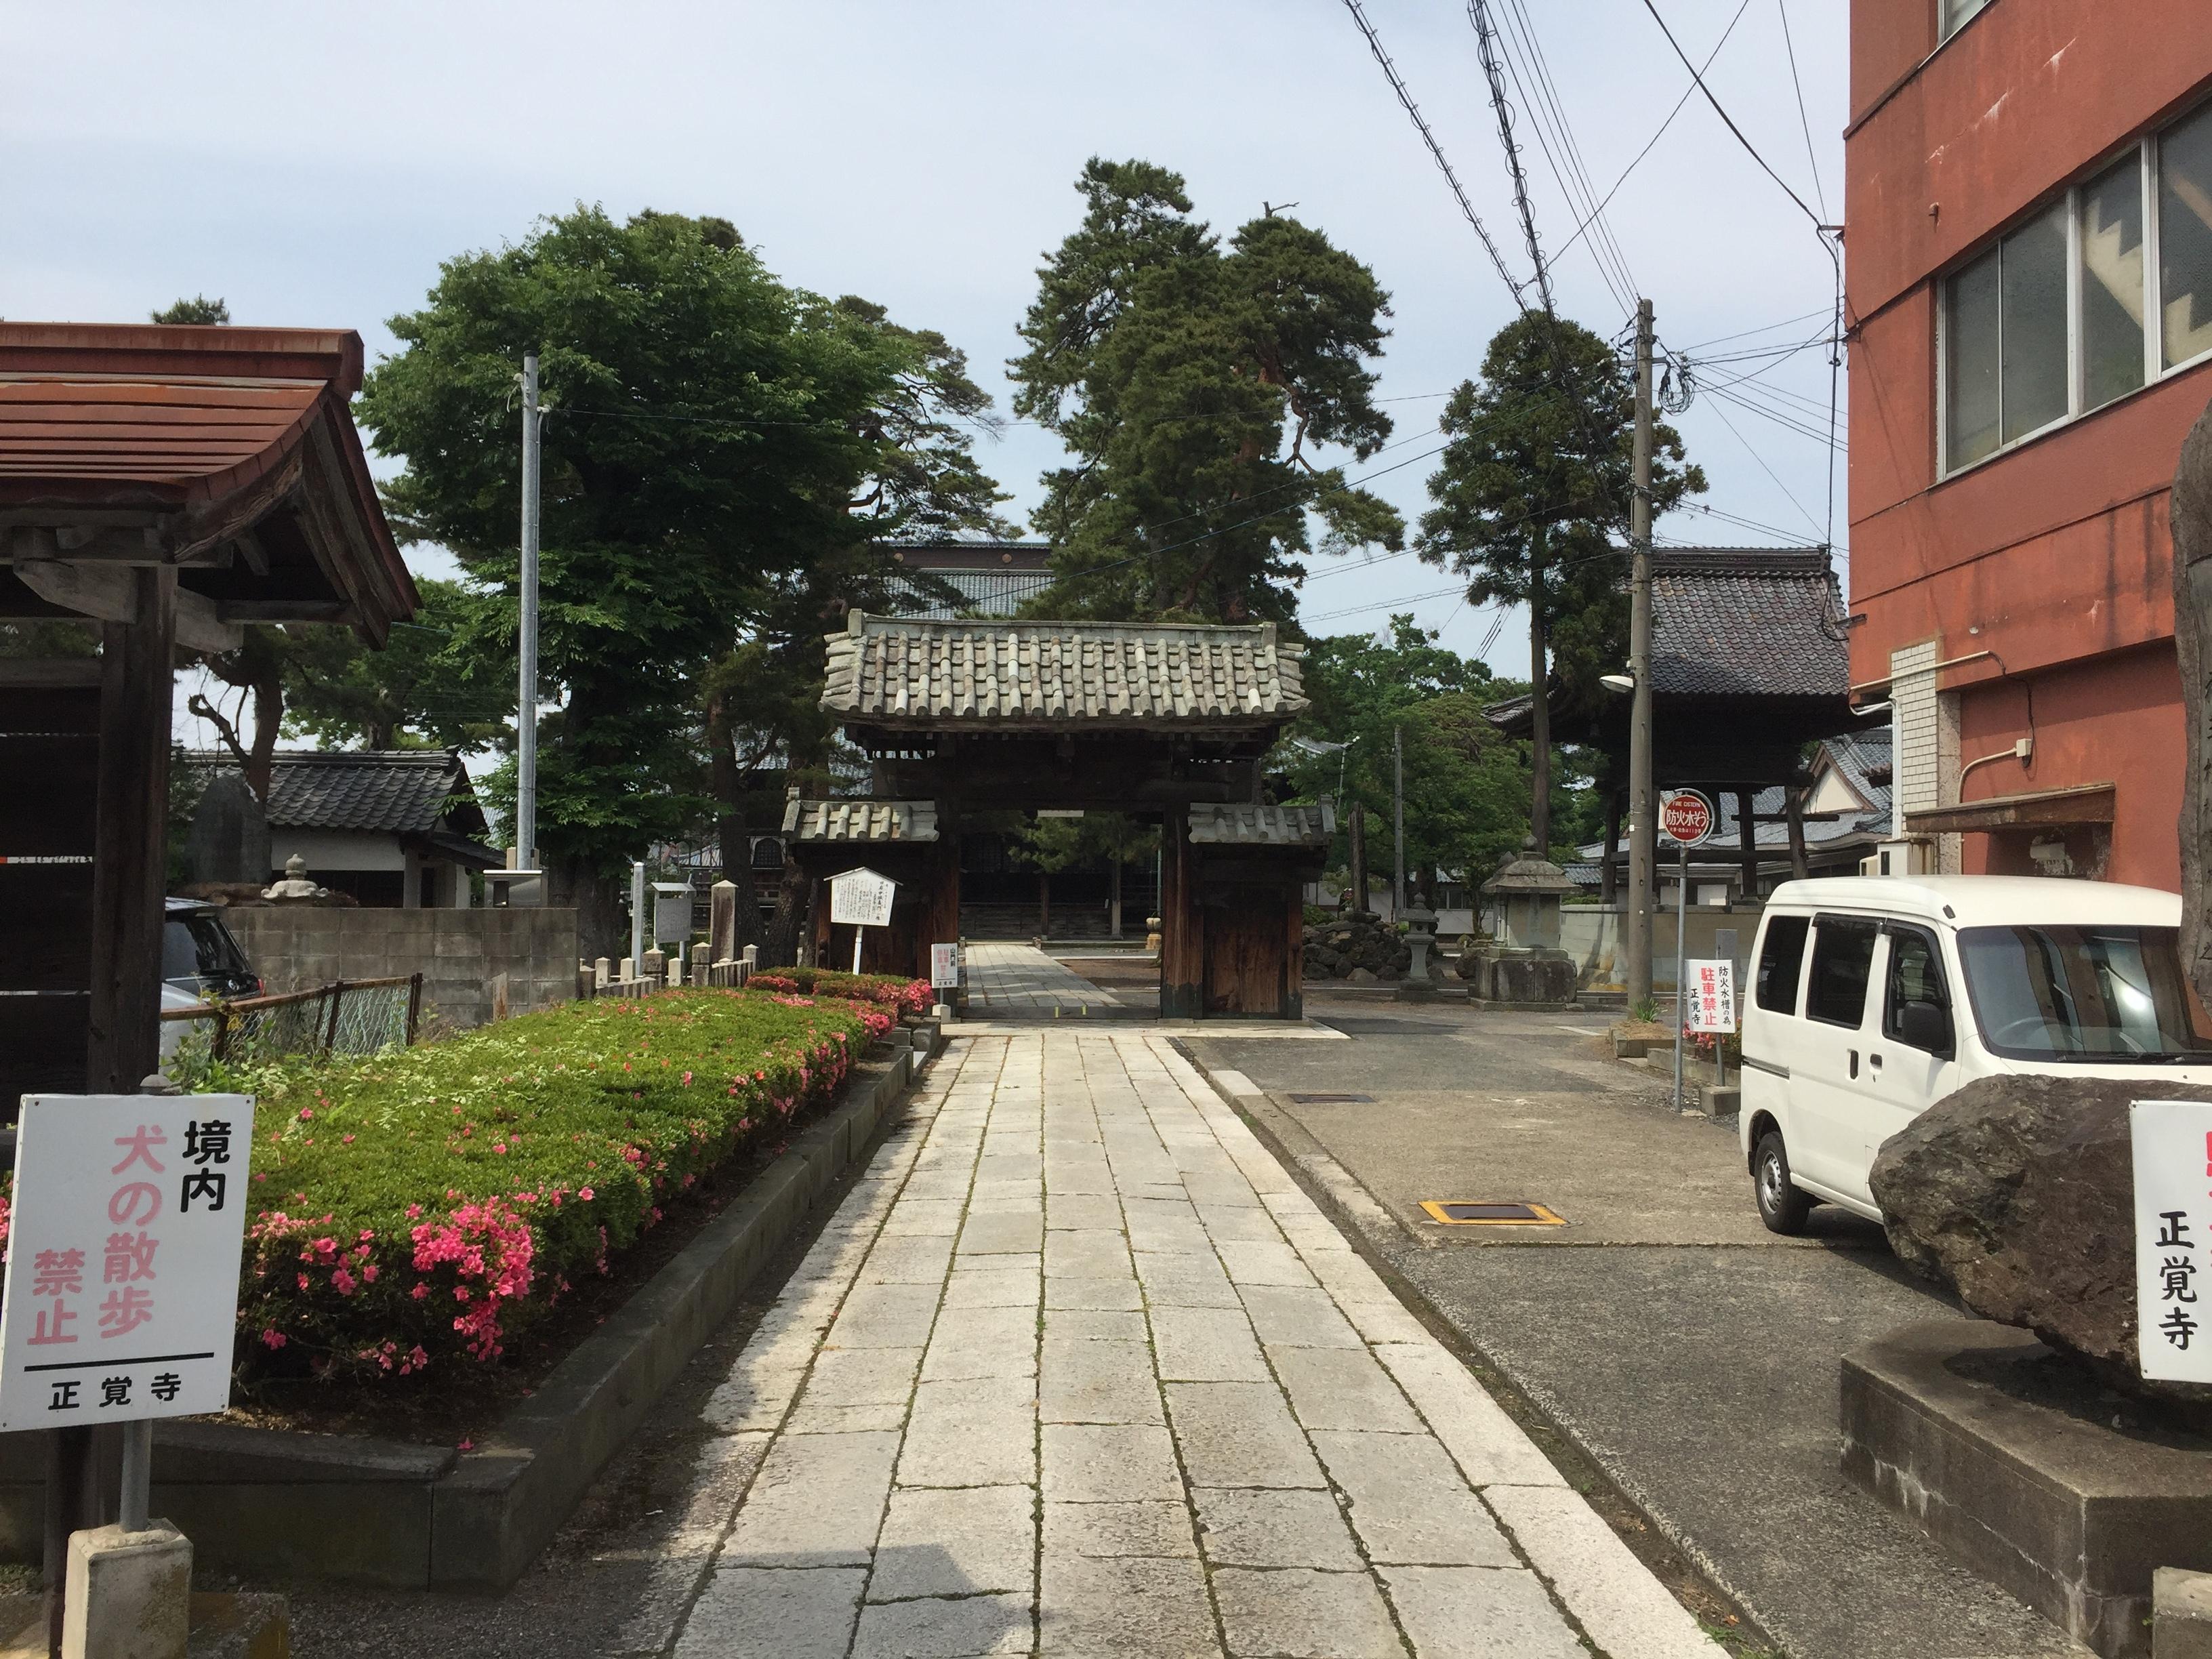 shoukakuji-echizen-012.jpg